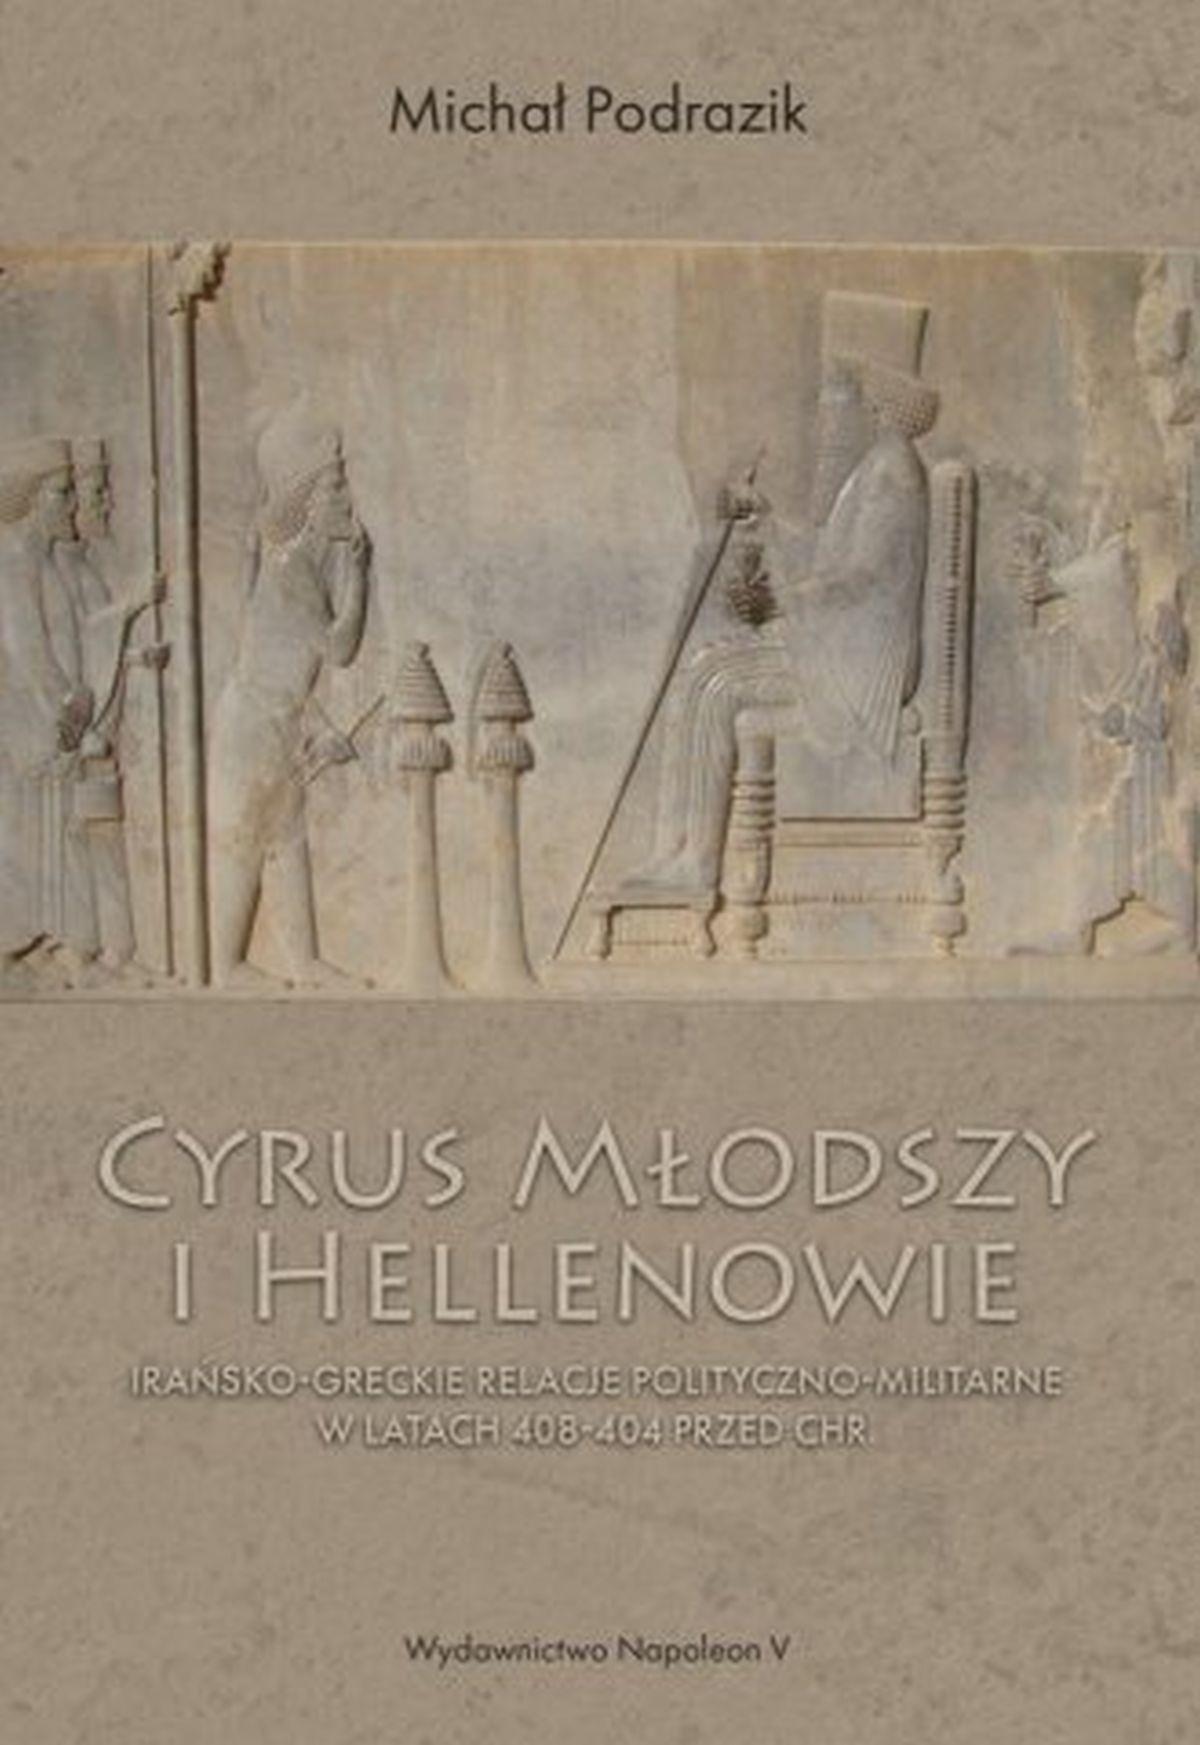 Michał Podrazik, Cyrus Młodszy i Hellenowie. Irańsko-greckie relacje polityczno-militarne w latach 408-404 przed Chr.